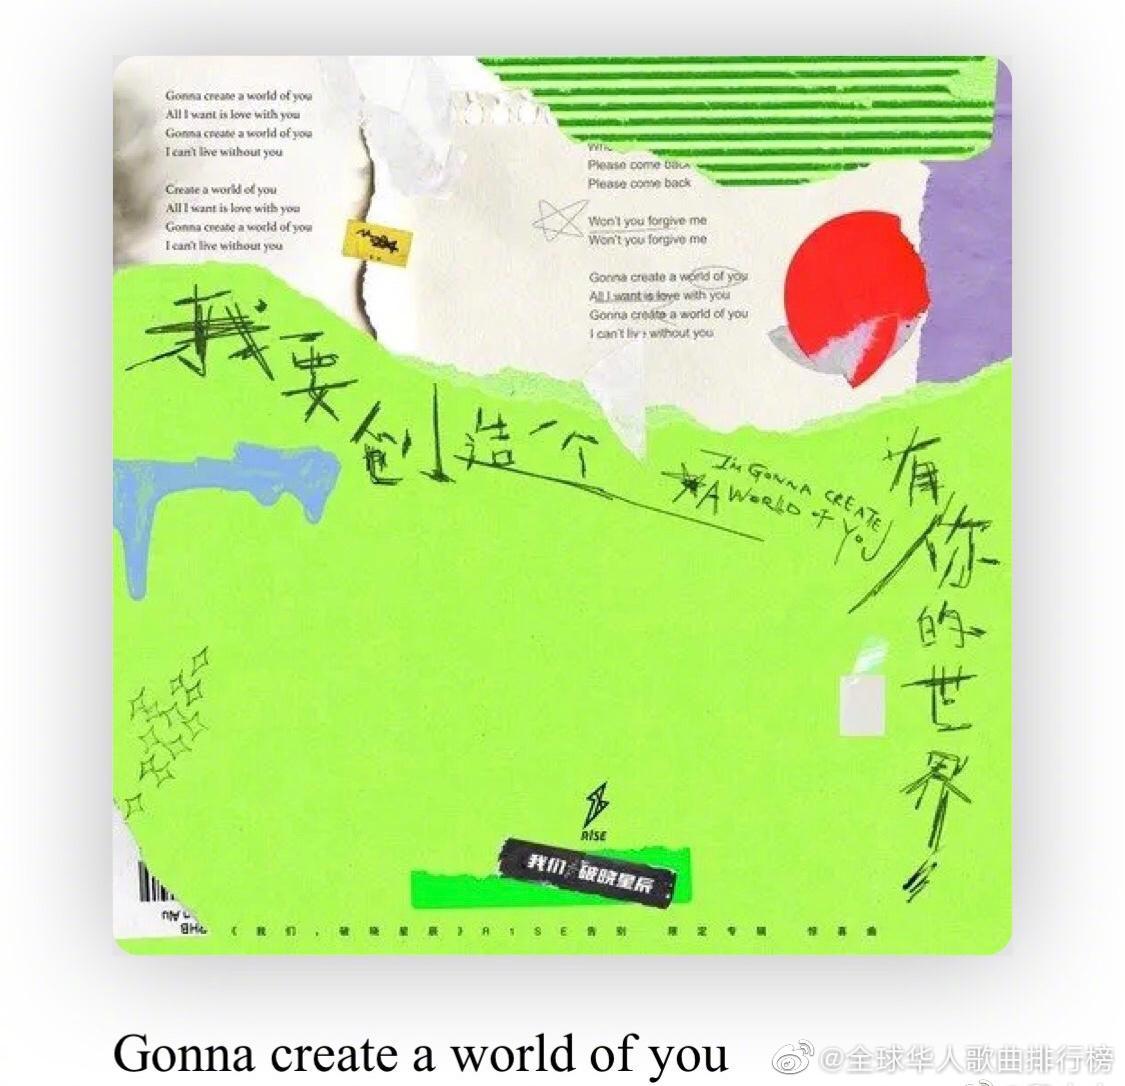 为@R1SE官博 《我要创造一个有你的世界》 加油!